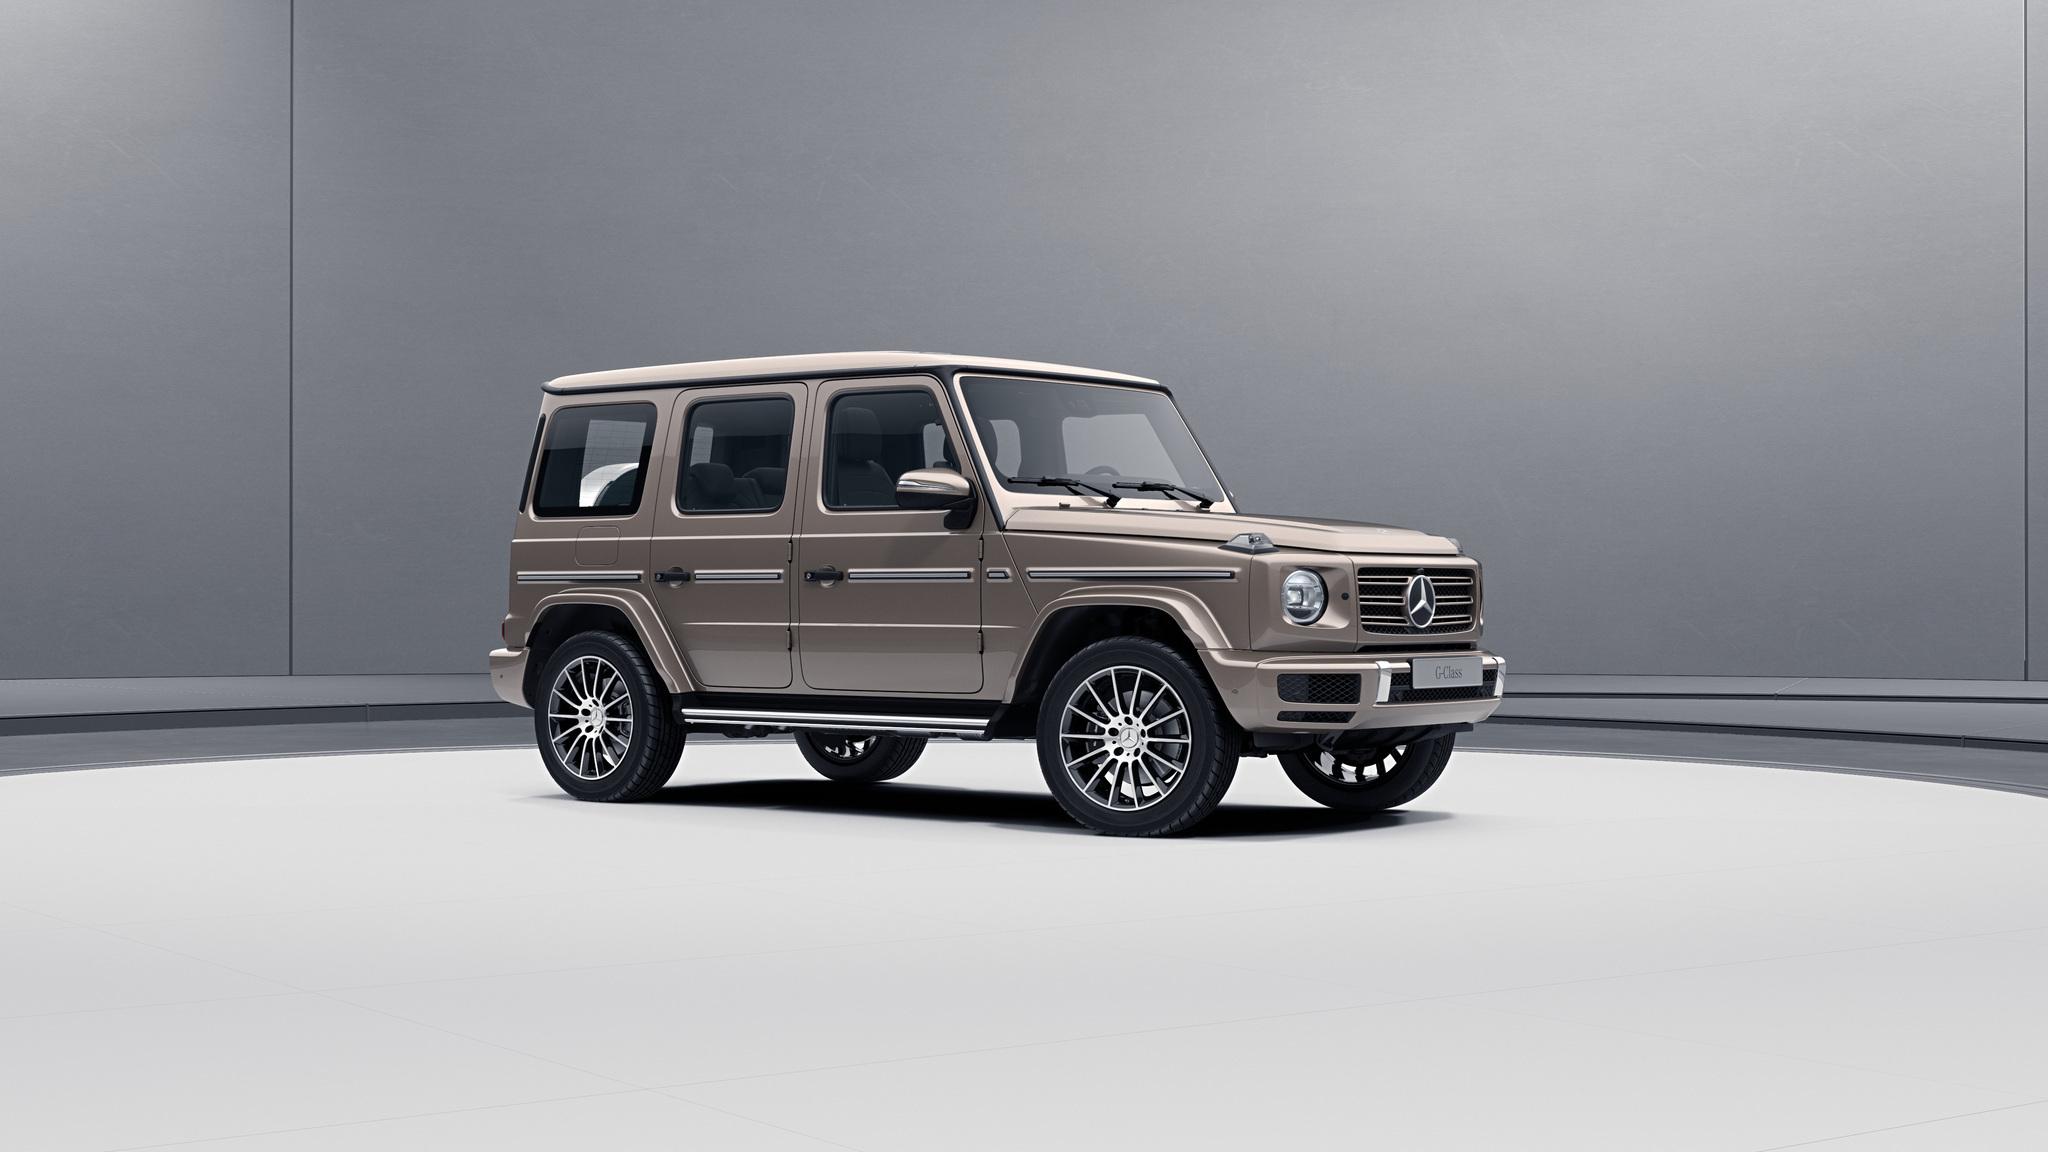 Vue de trois quarts de profil de la Mercedes-Benz classe G avec la peinture métallisé - beige travertin métallisé G manufaktur